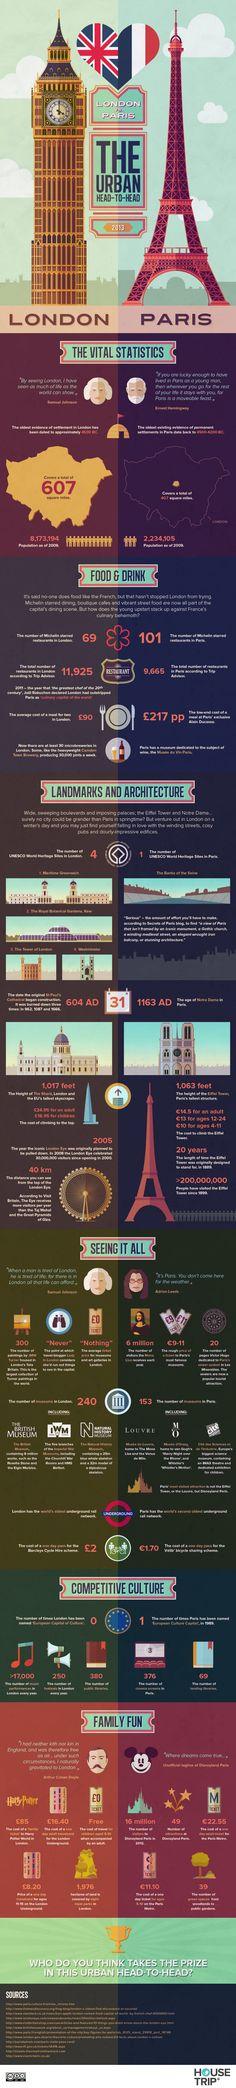 London! Paris vs. London infographic